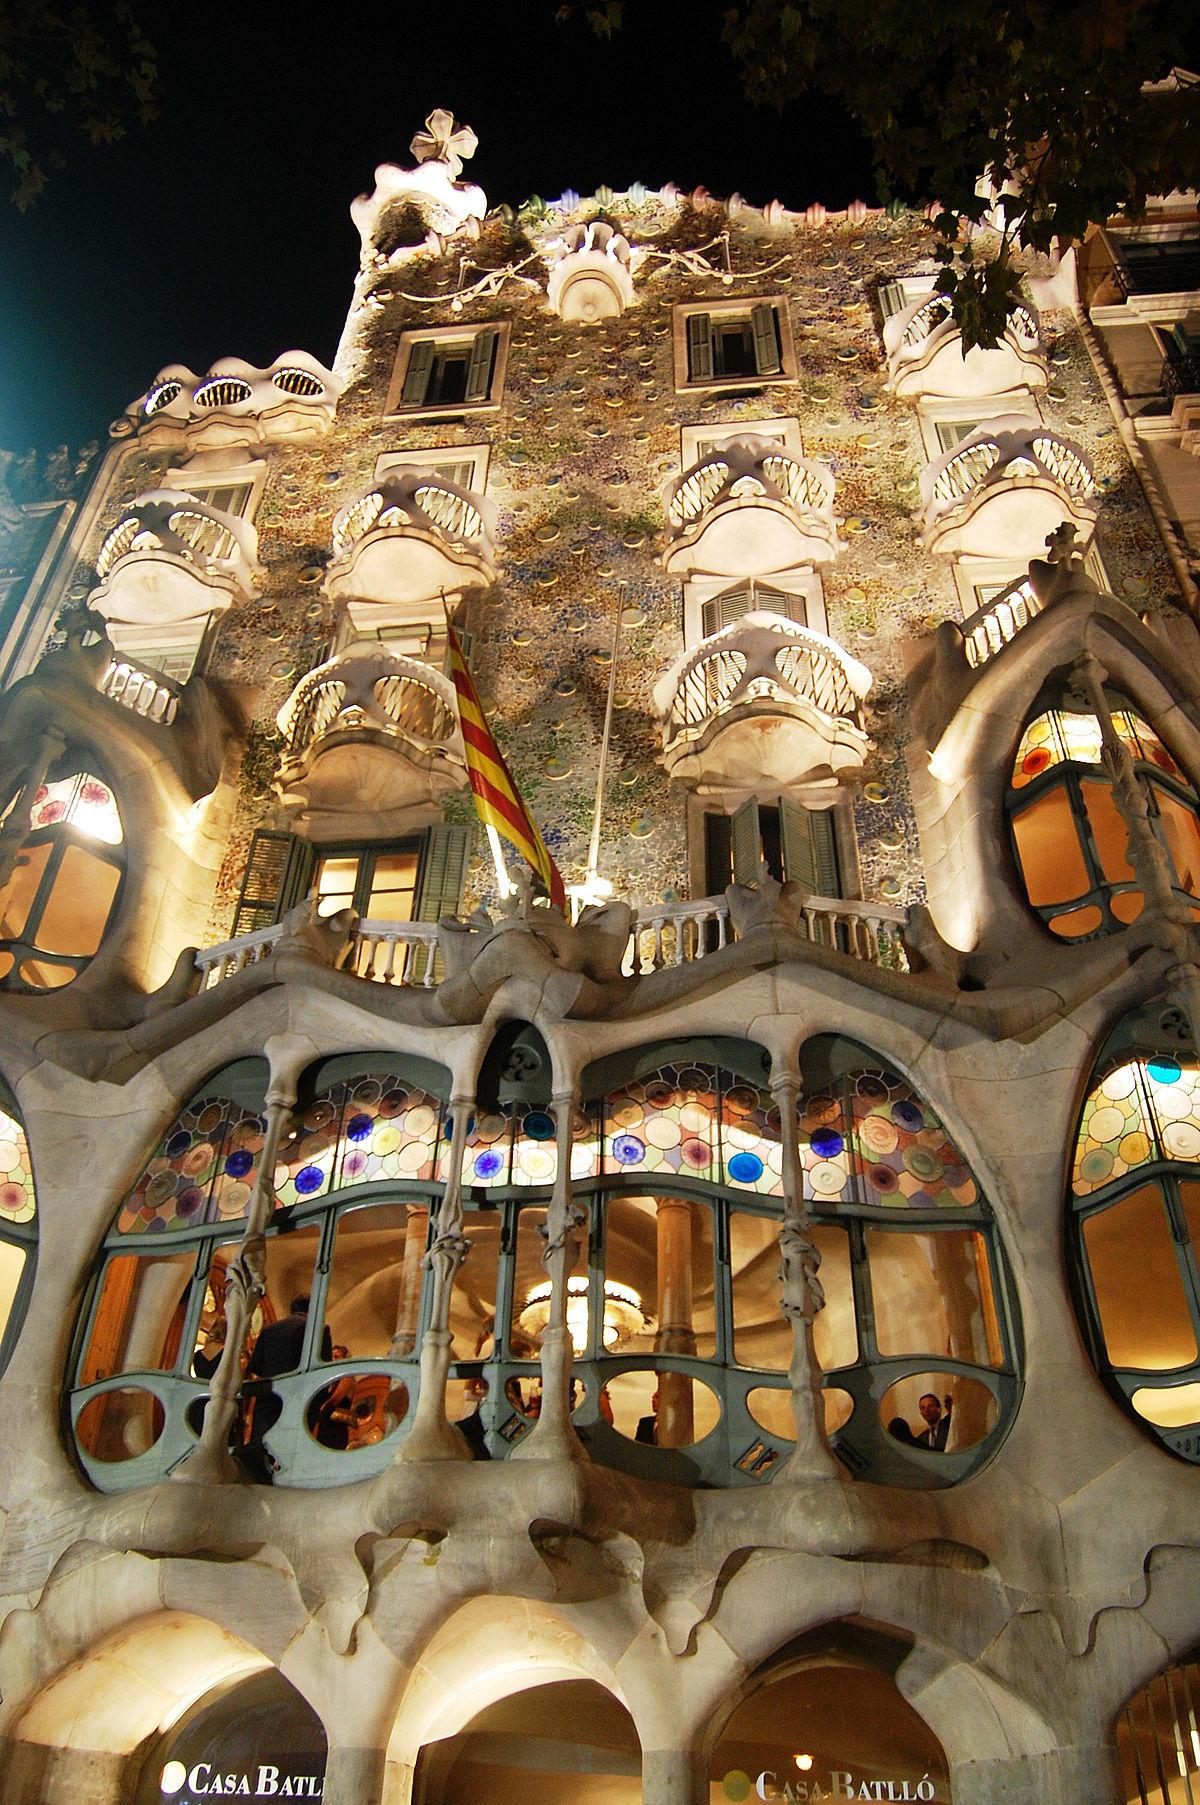 Casa batll wikipedia for Antoni gaudi opere